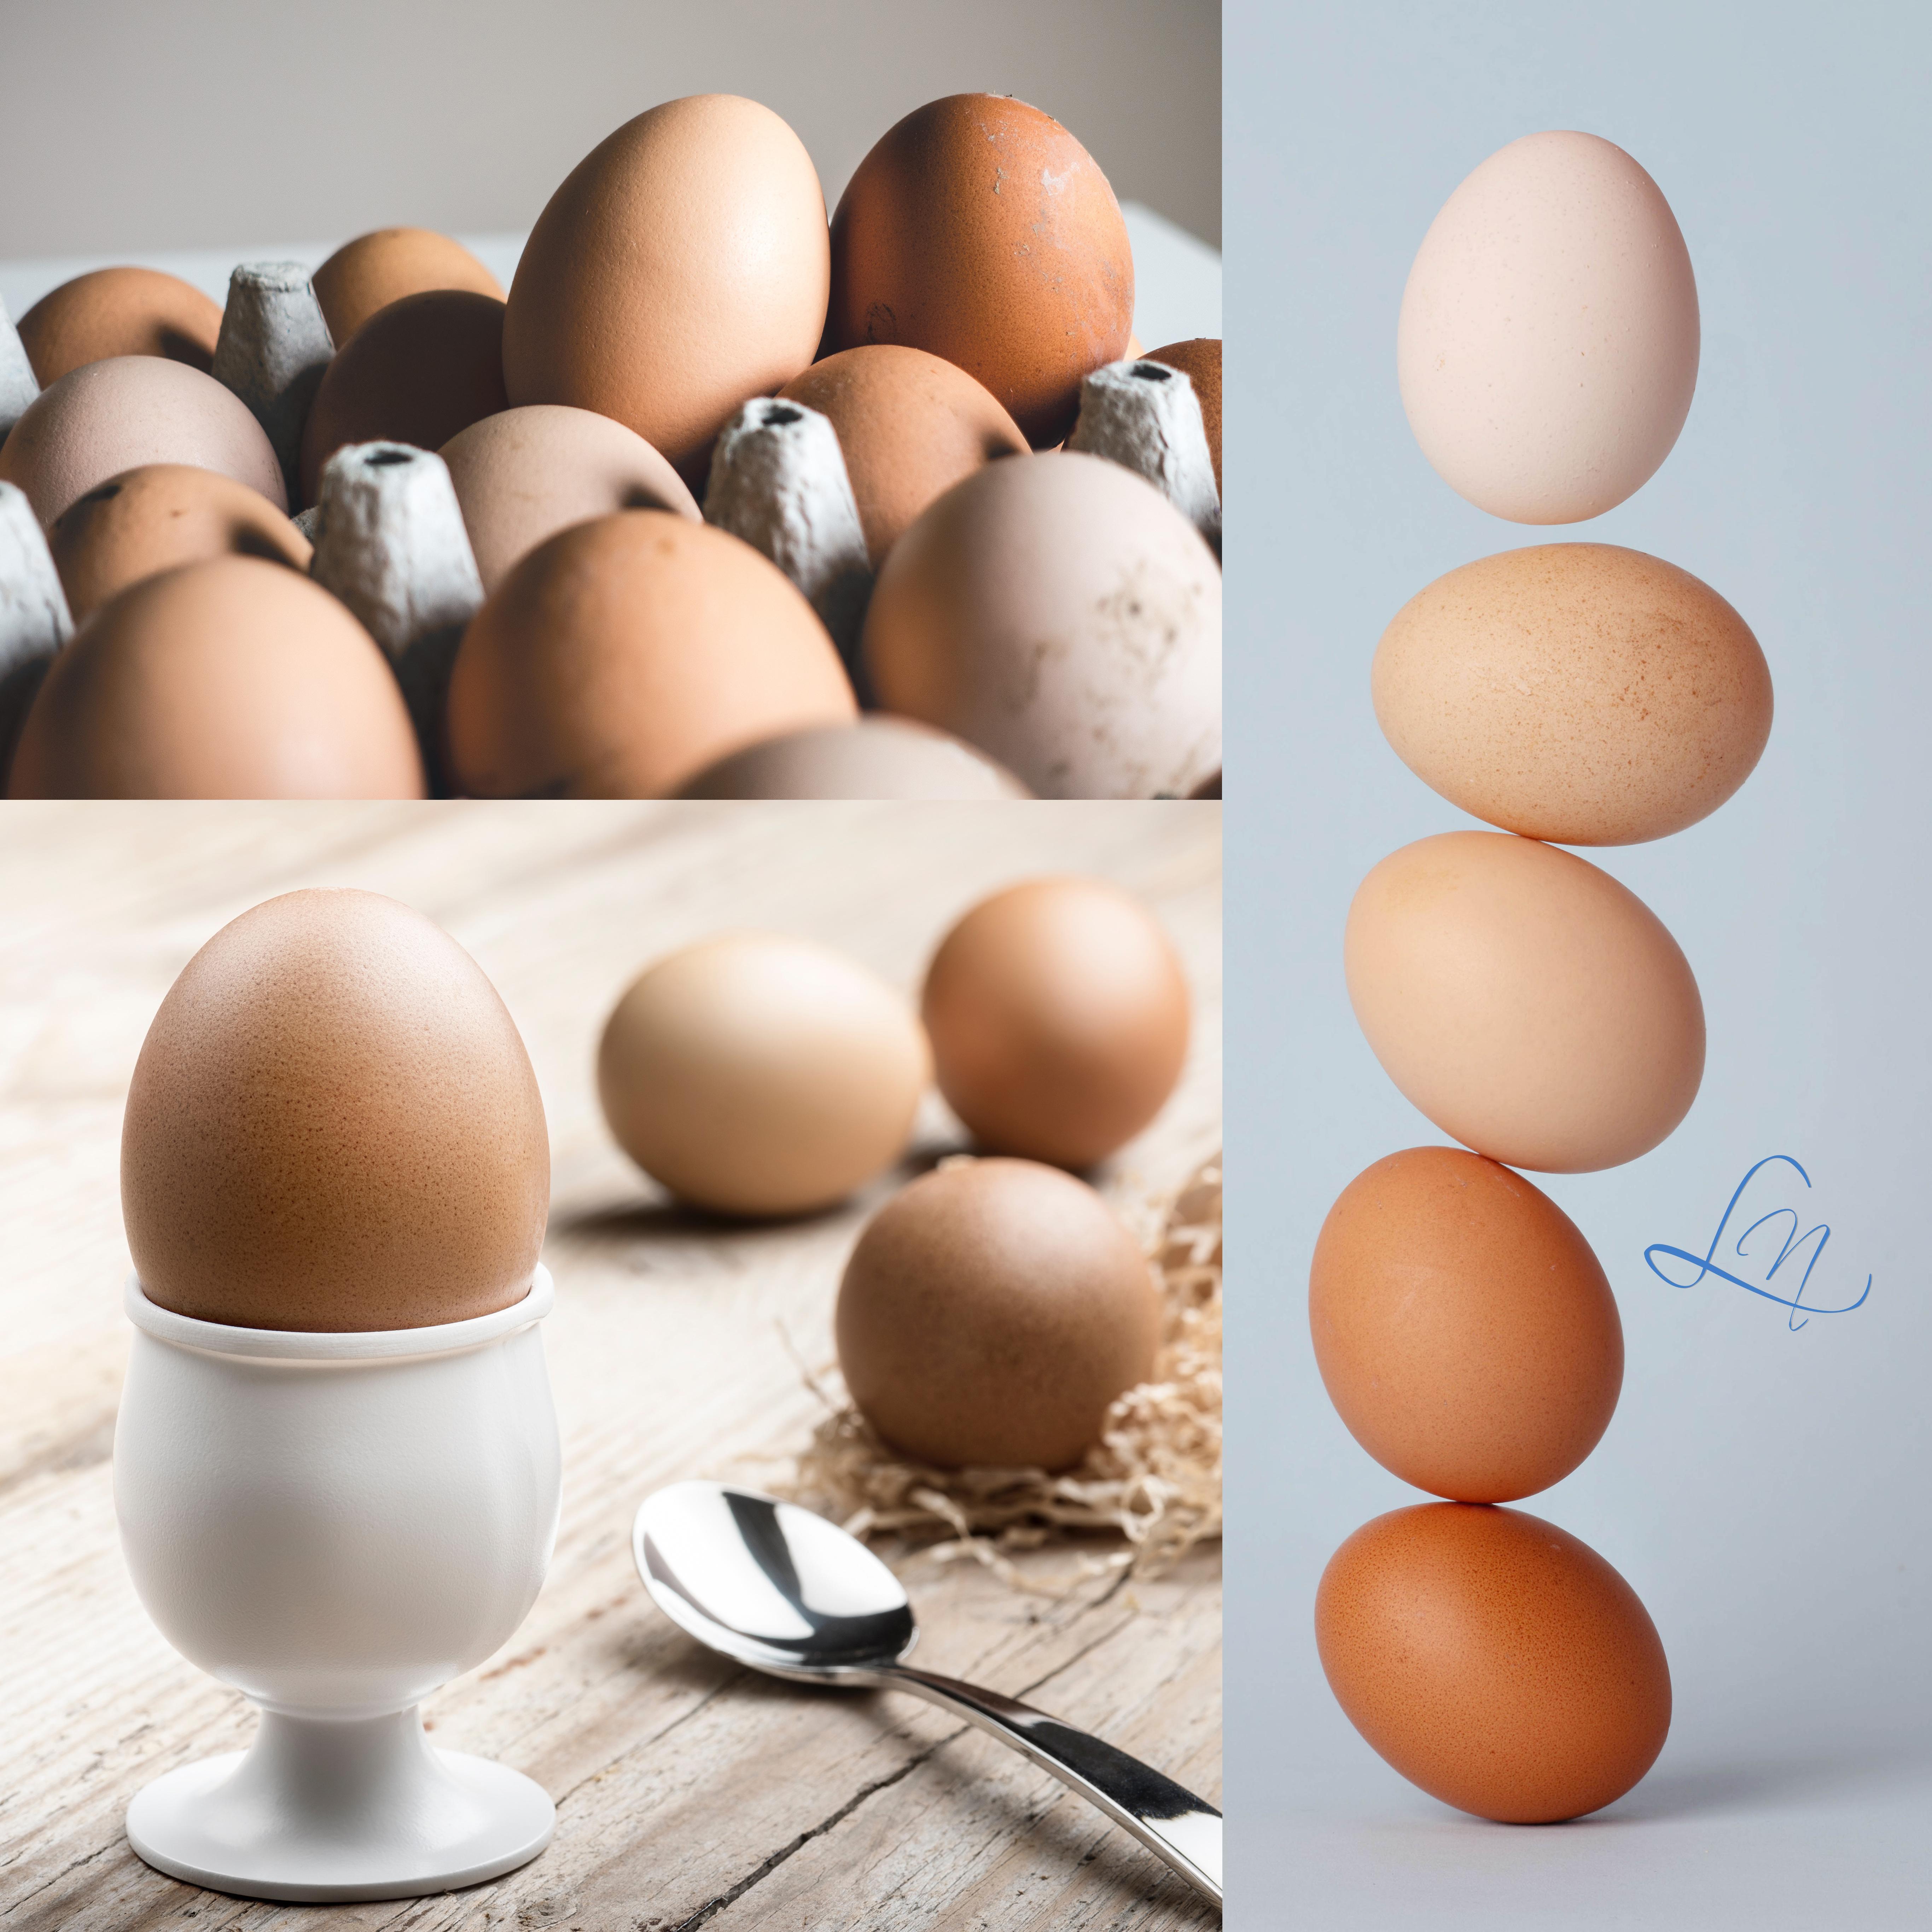 il codice dell'uovo sicurezza alimentare belluno consulenze noacco